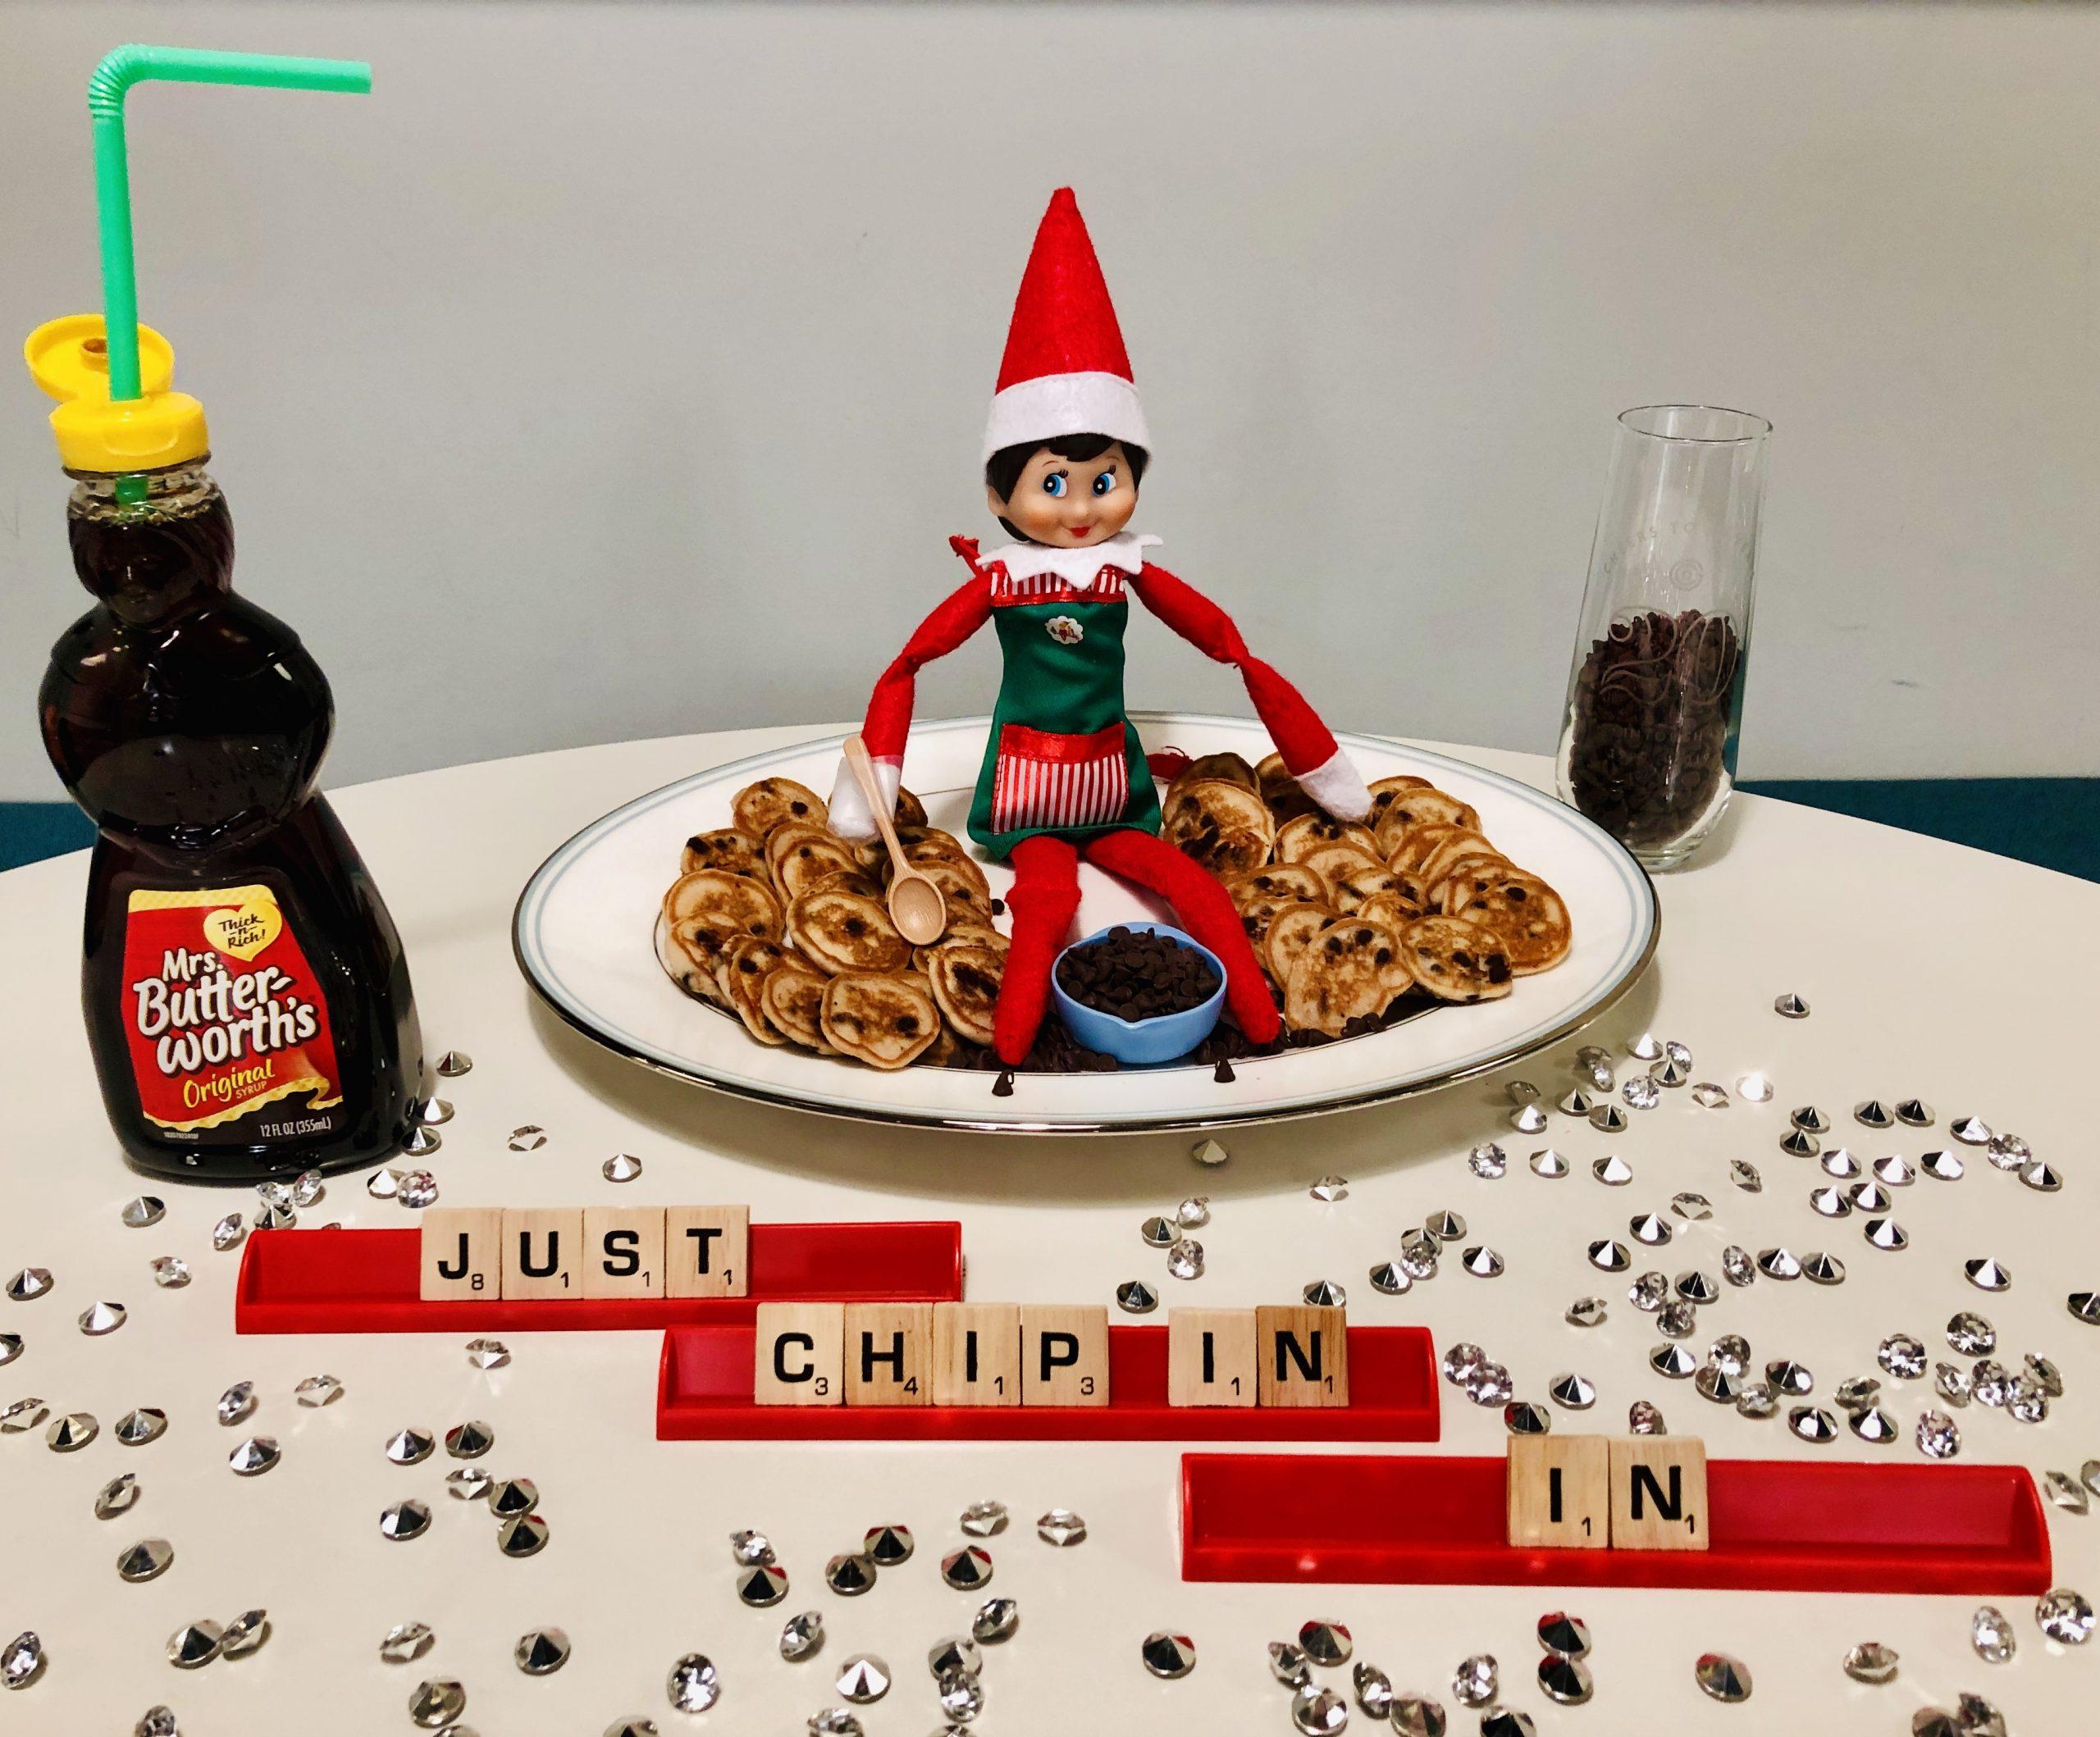 Image of Elfie the Elf making pancakes